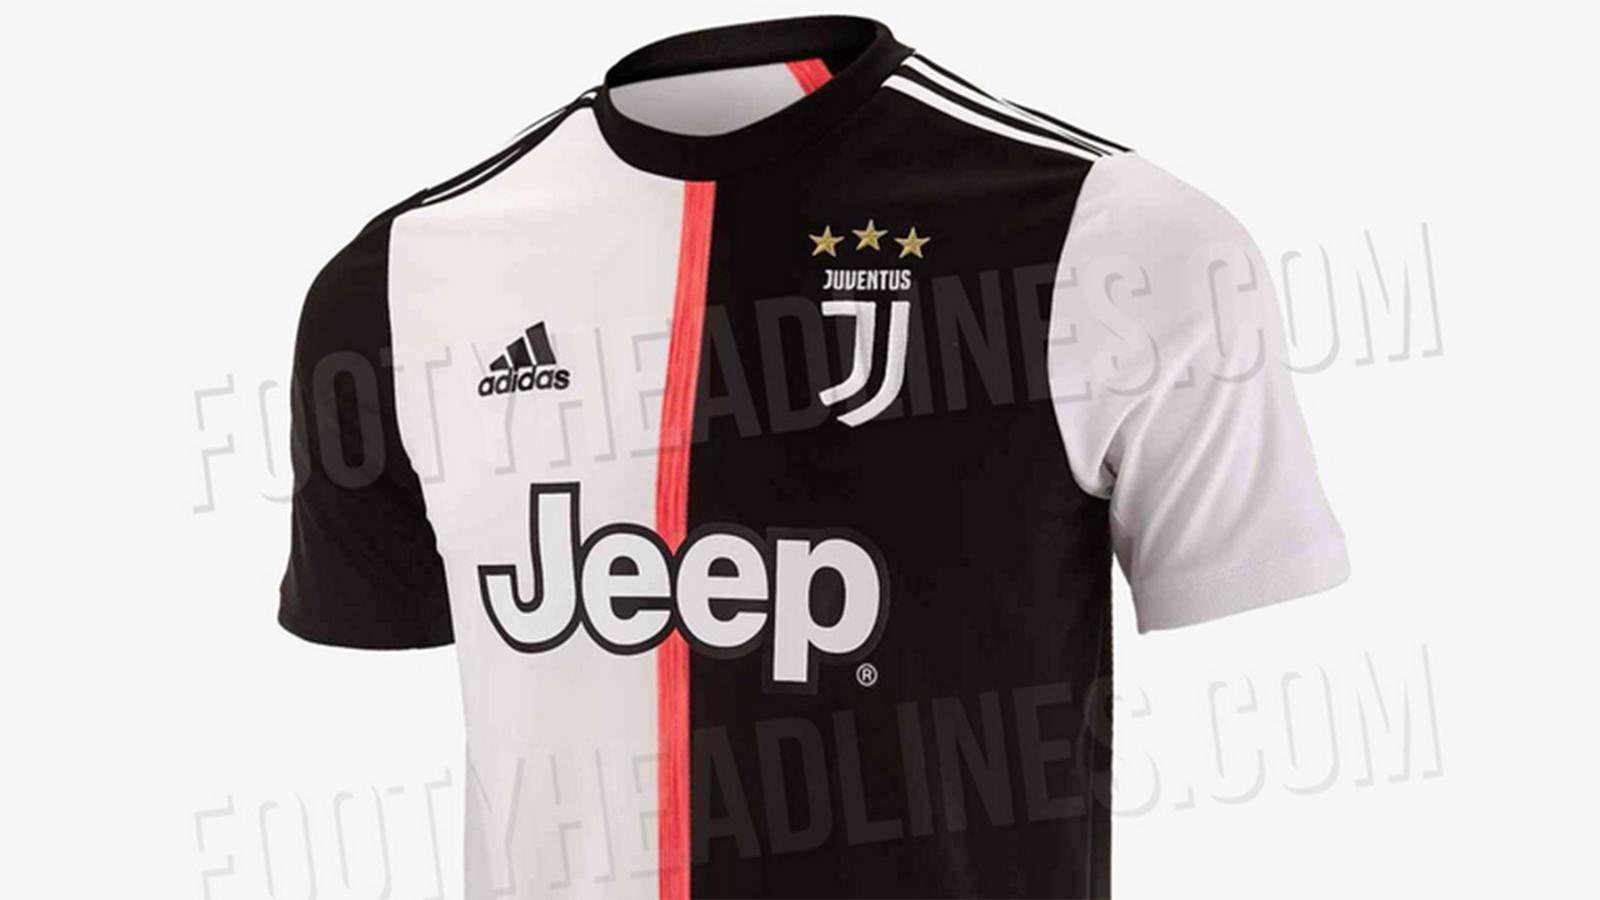 Maglia Juventus 2019-2020 home: le foto ufficiali - Jmania.it